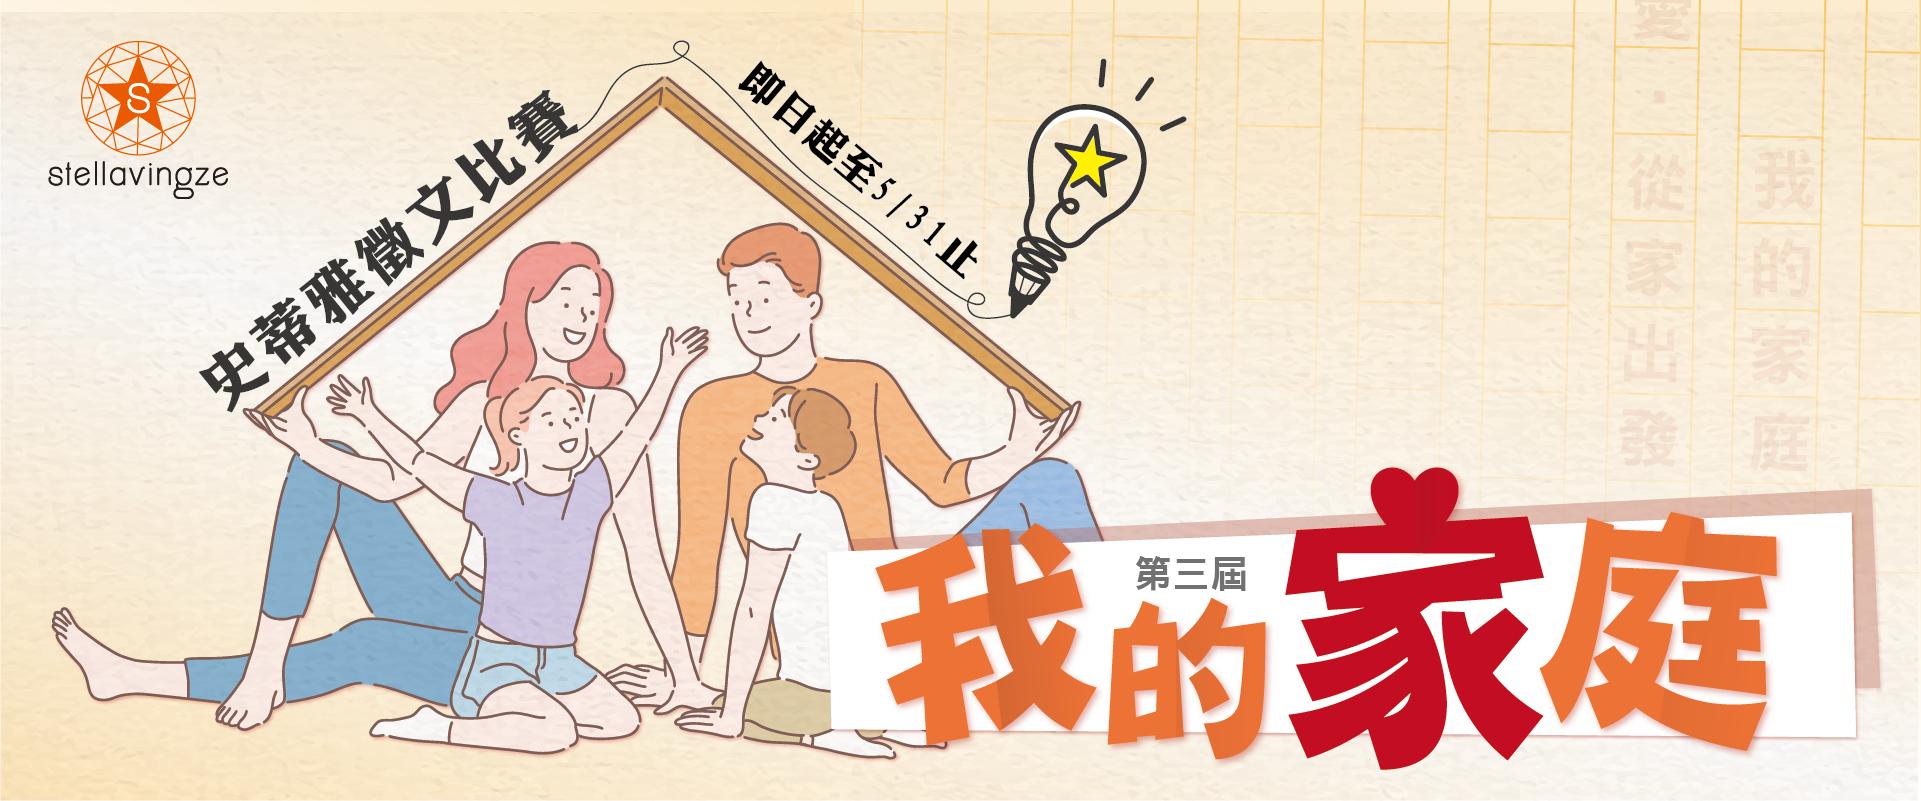 第三屆徵文比賽_官網主頁banner-01